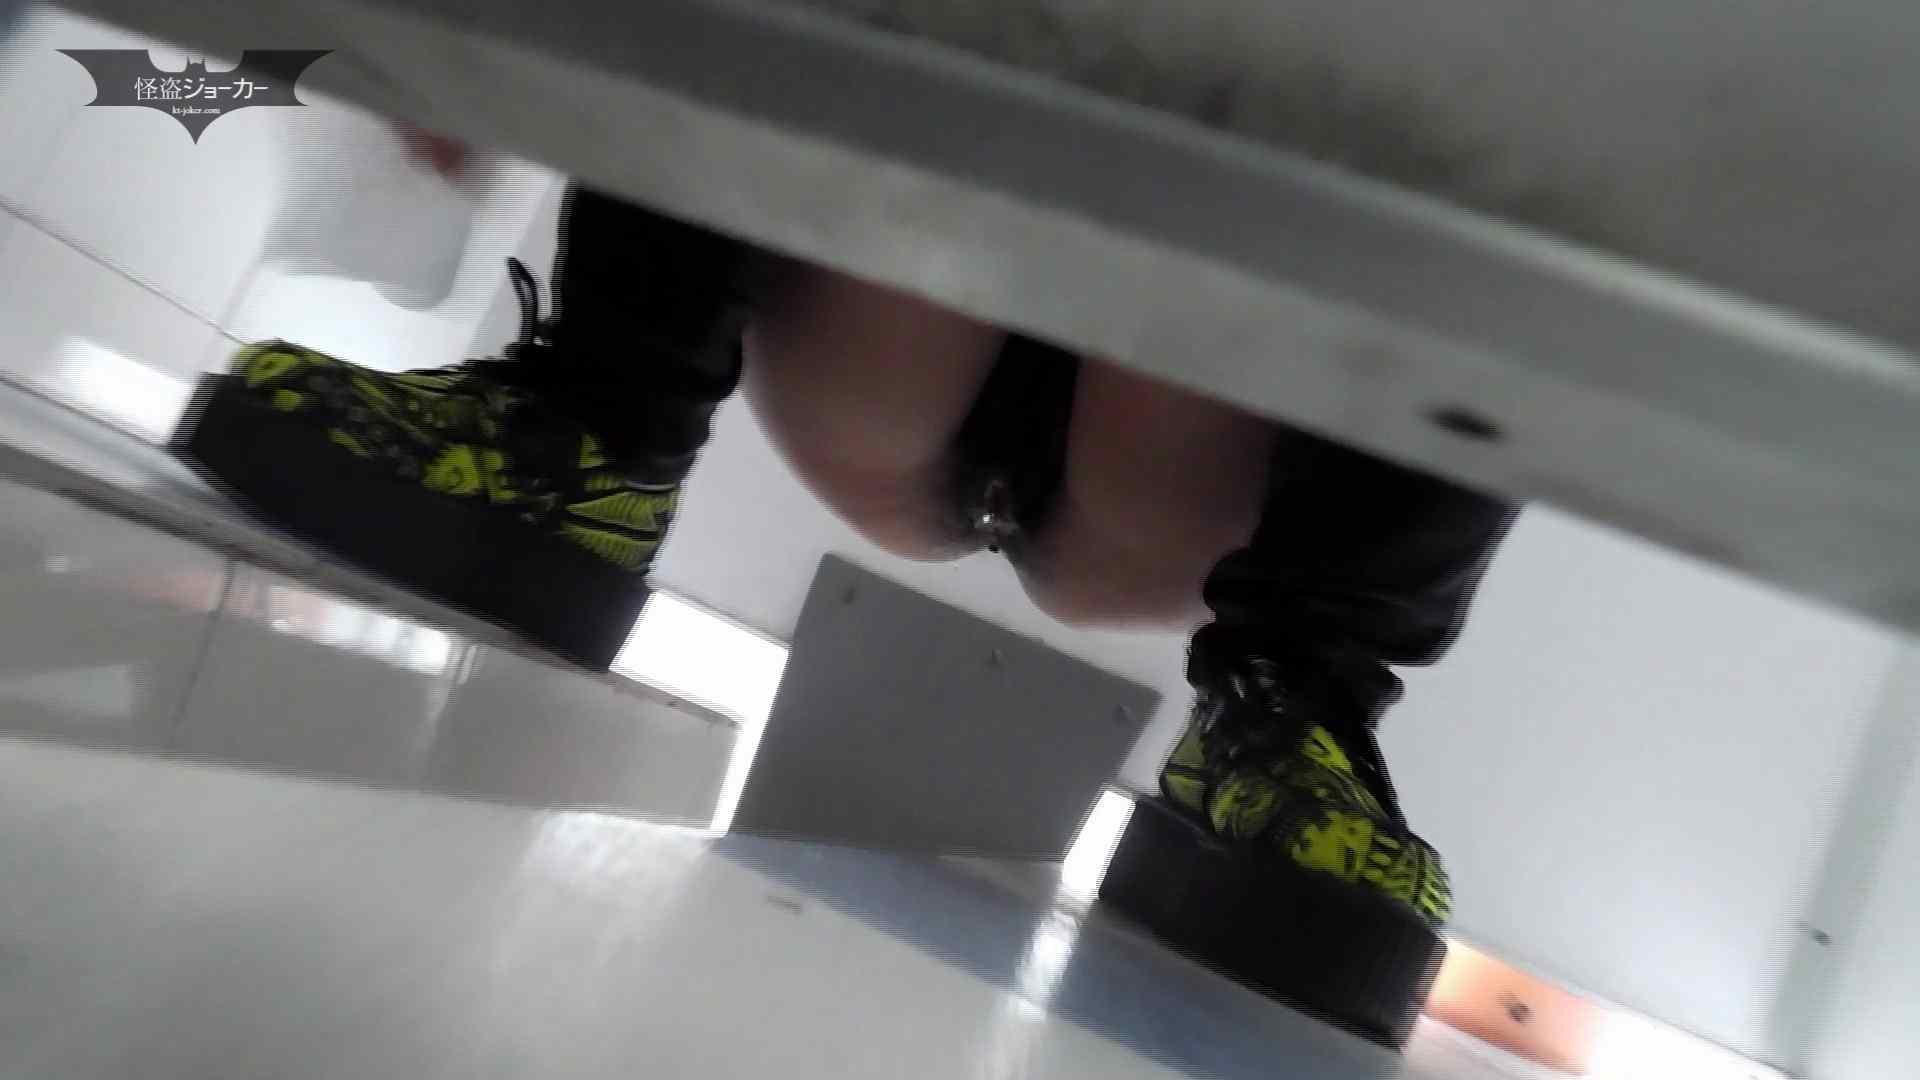 下からノゾム vol.032 走って追跡、そして、カメラ見られ大ピンチ 追跡 | OL女体  93連発 53